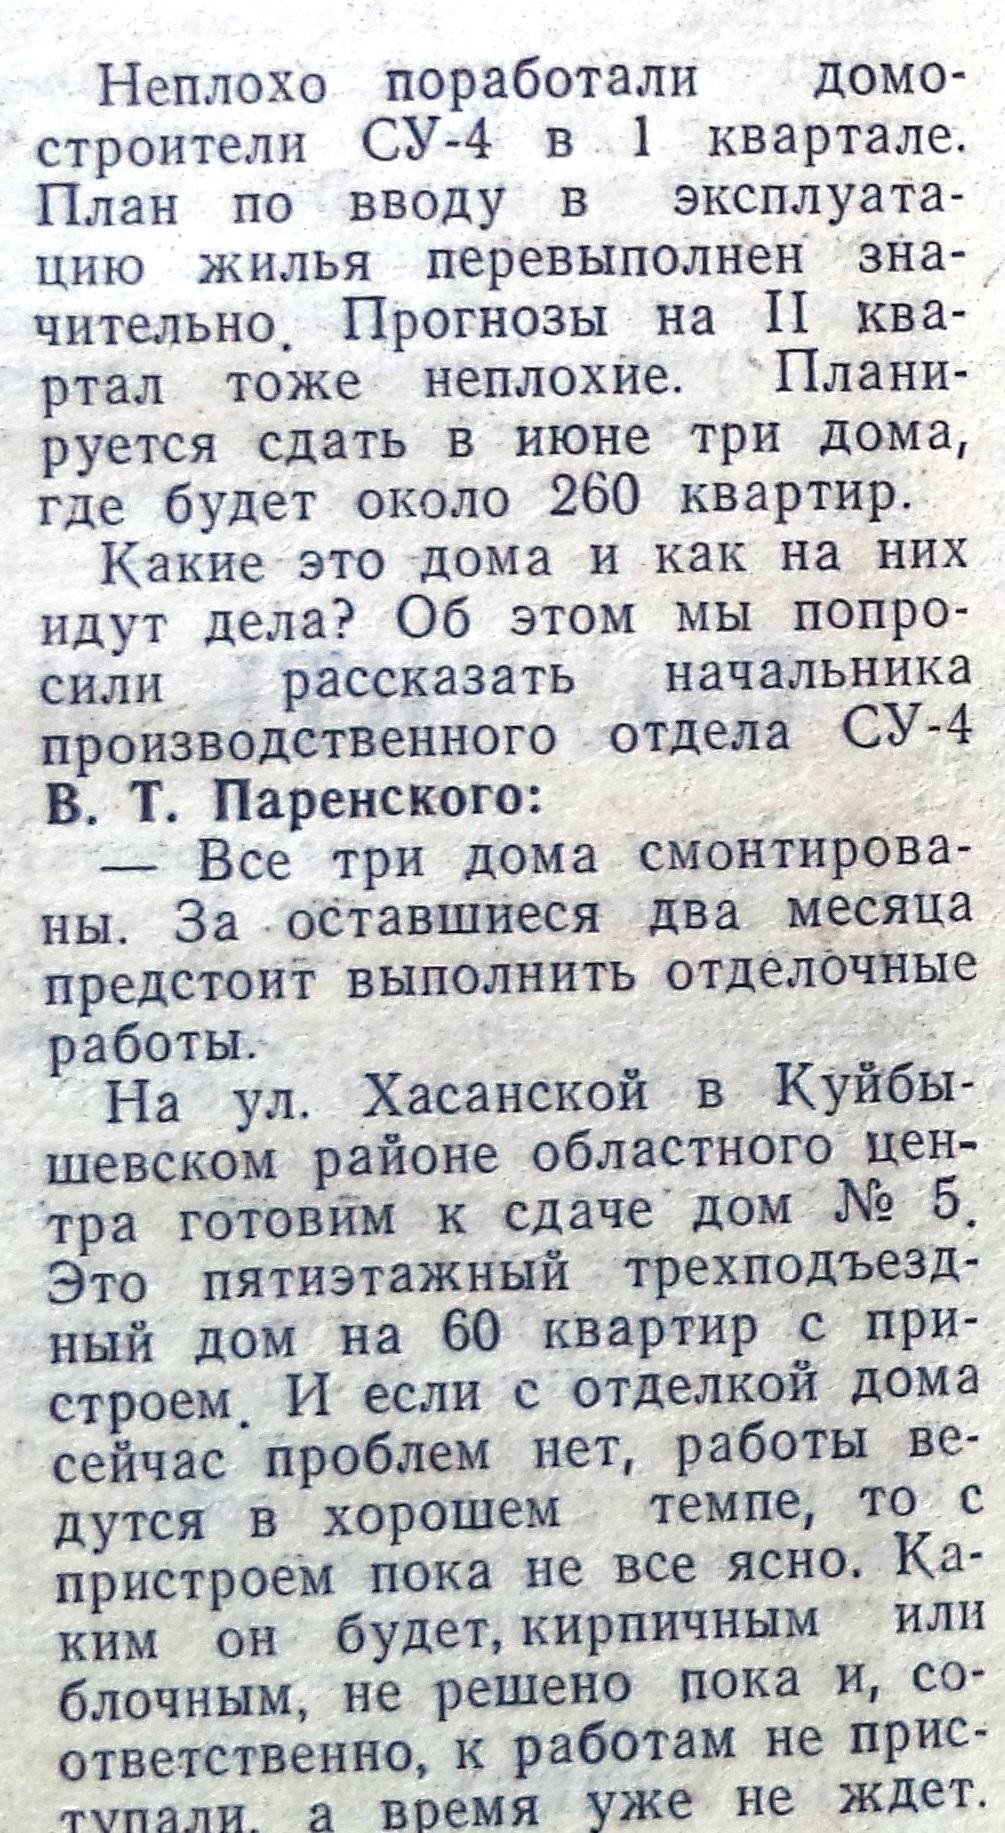 Khasanovskaya-Za_Peredovuyu_Stroyku-1992-6_maya